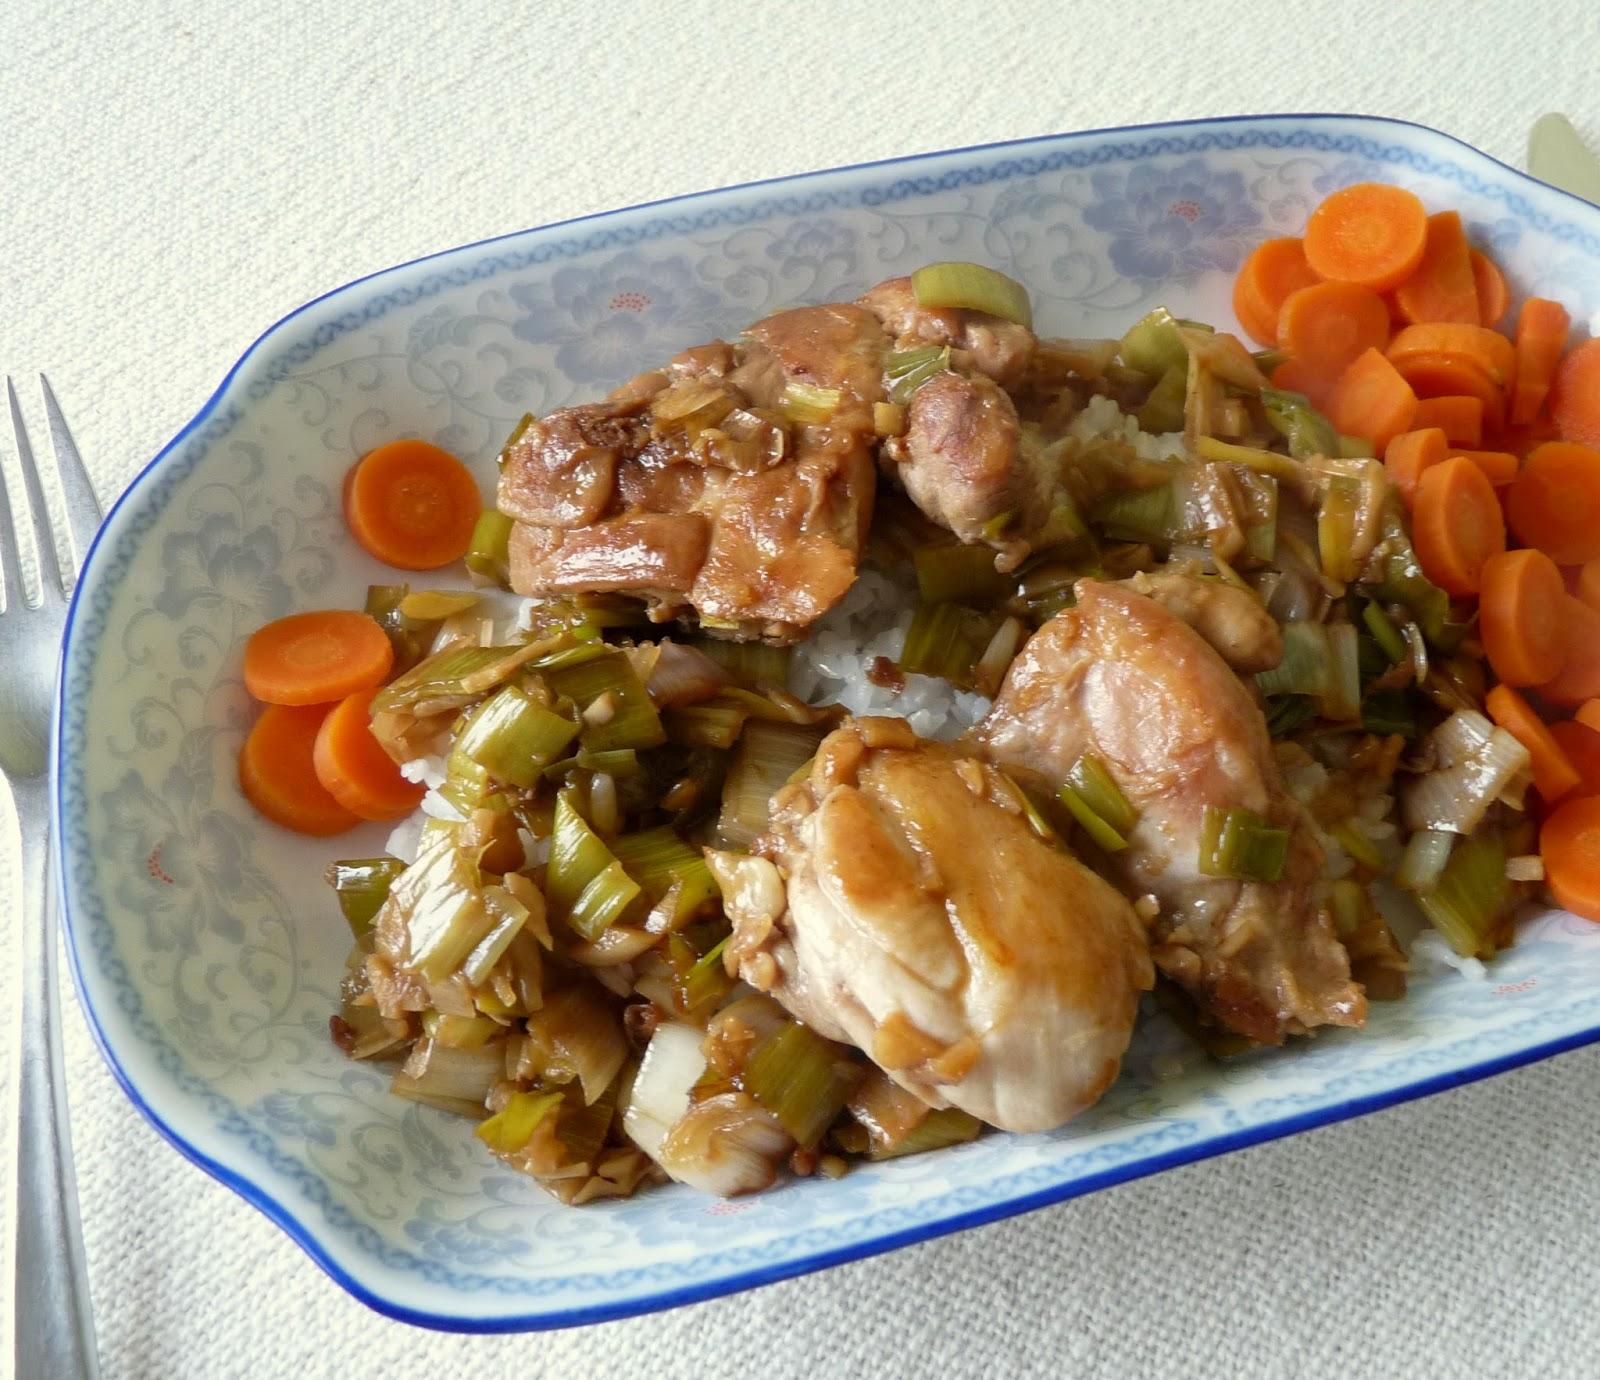 Quick Braised Chicken with Leeks & Garlic